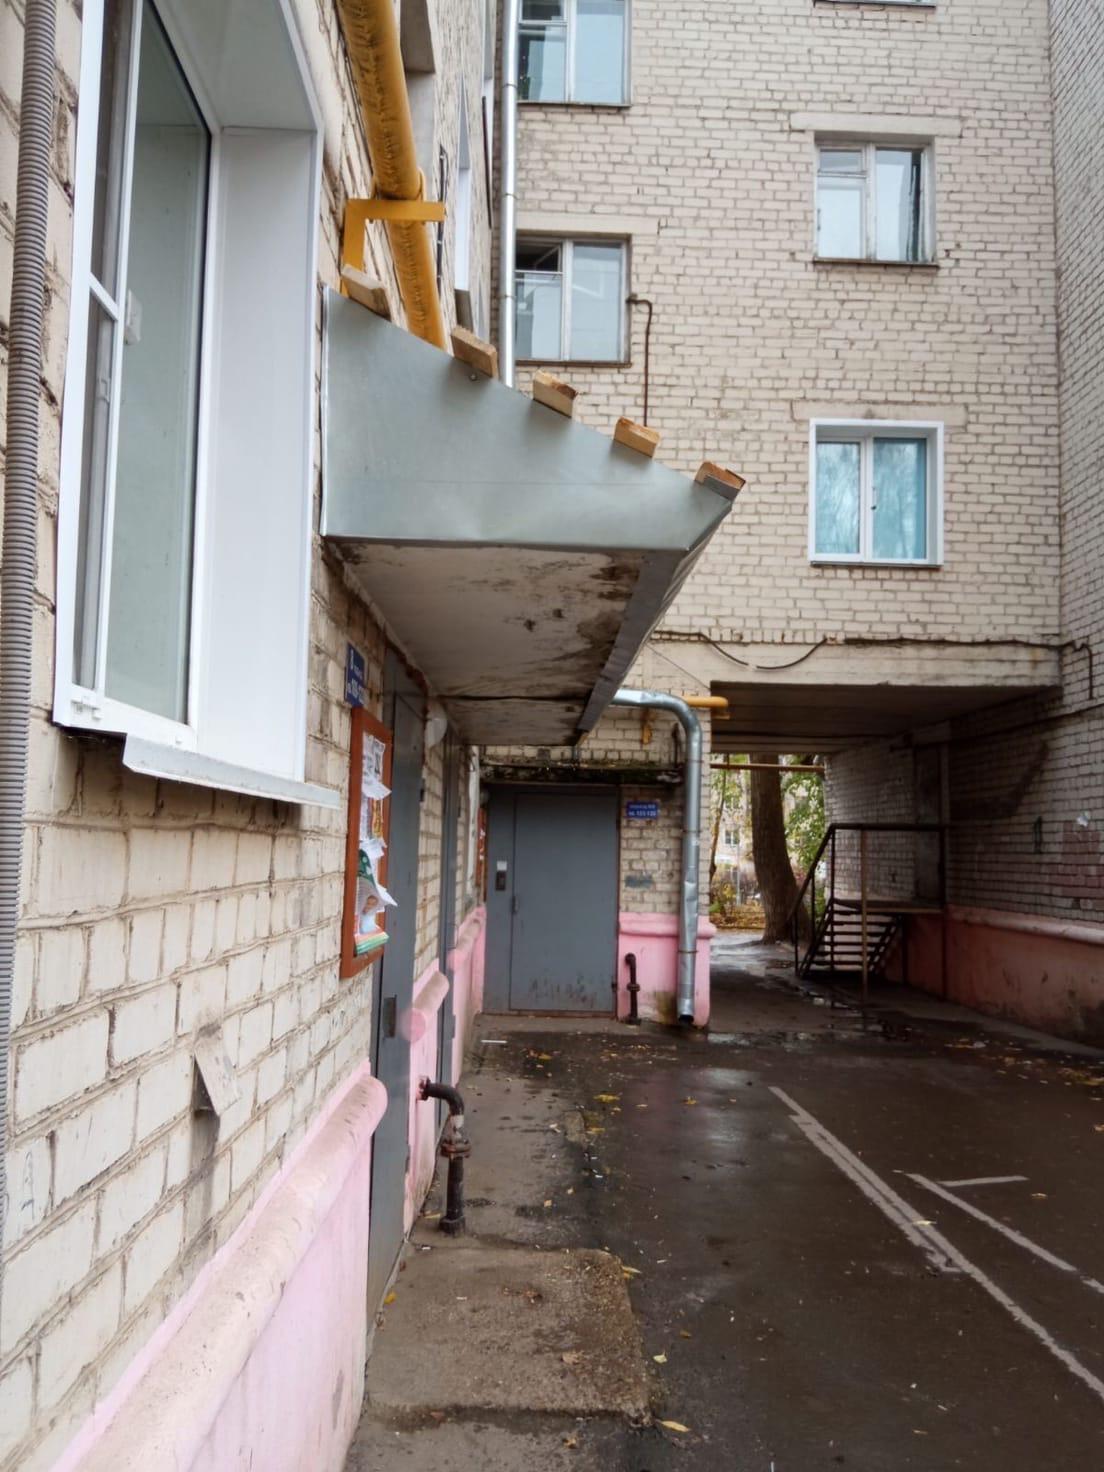 Октябрьский 34- ремонт козырьков подьездов 7-8